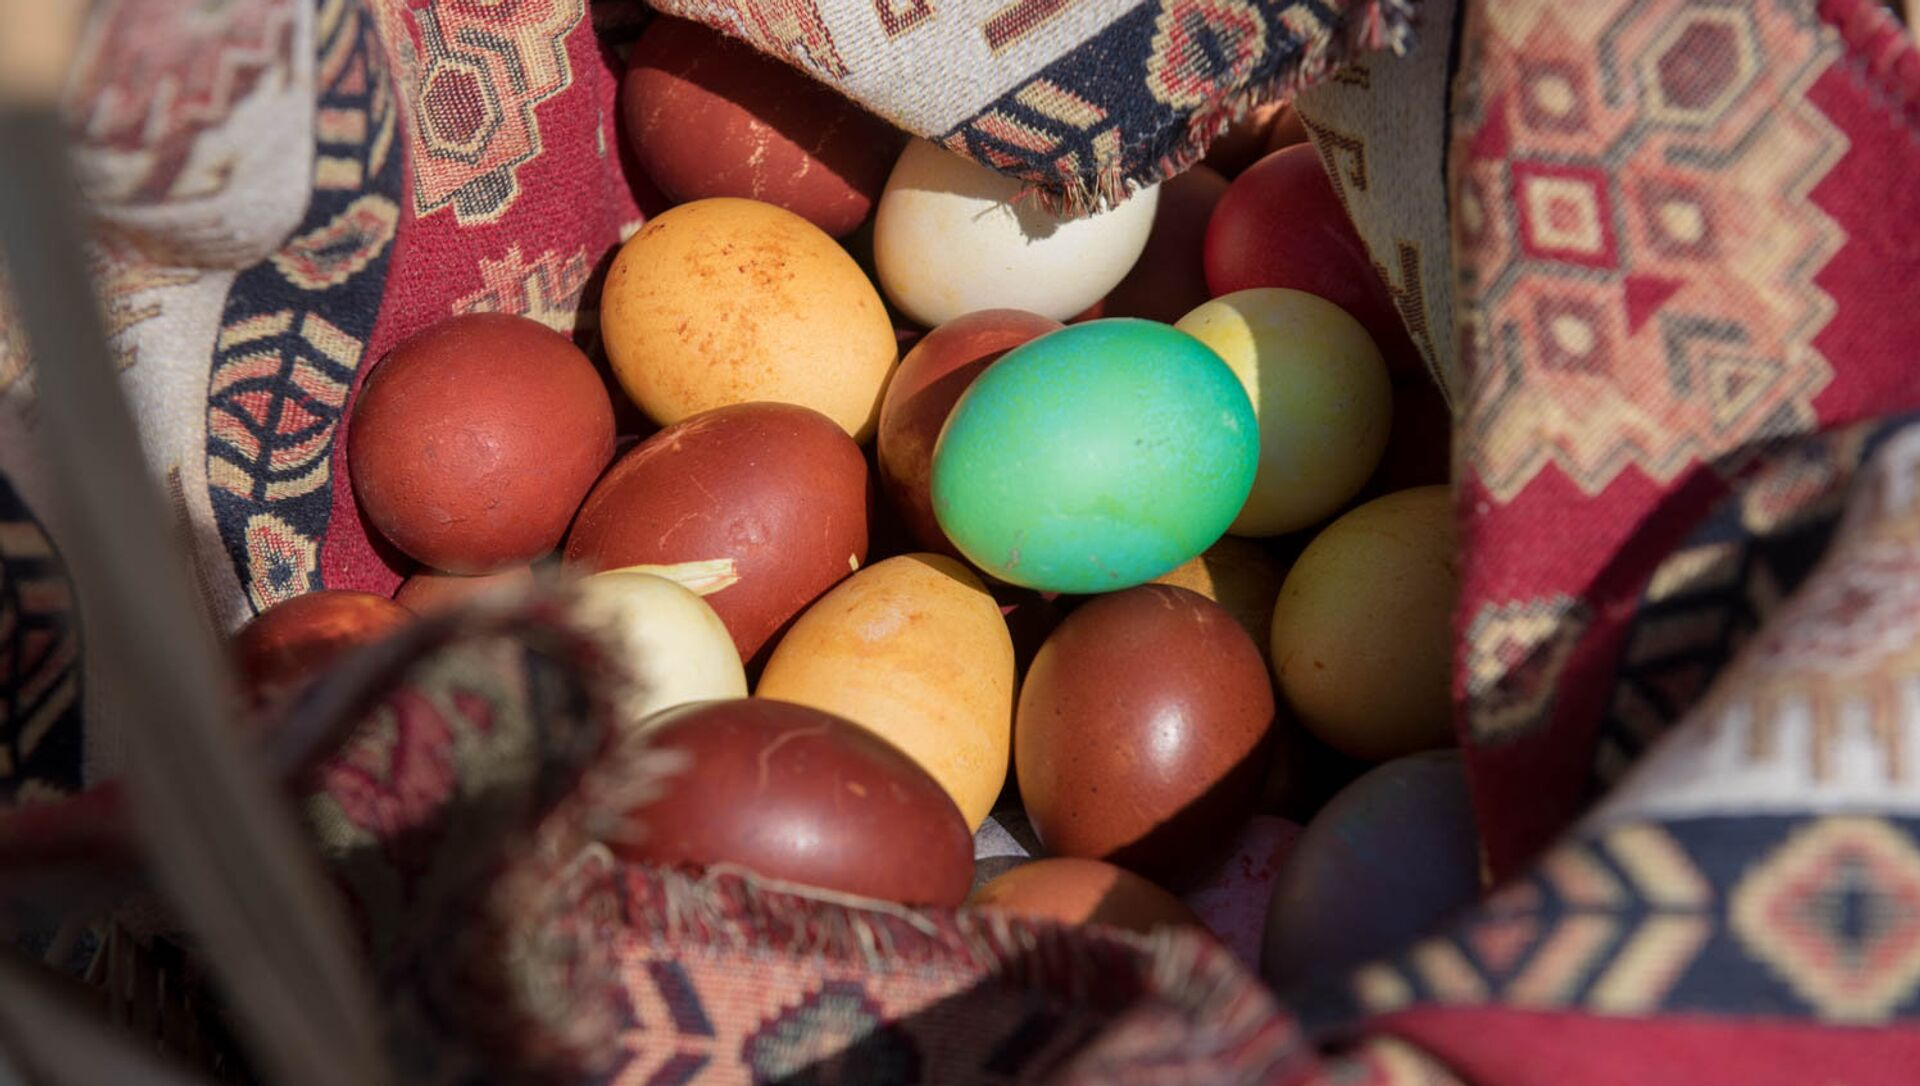 Праздничные крашенные яйца - Sputnik Արմենիա, 1920, 02.04.2021